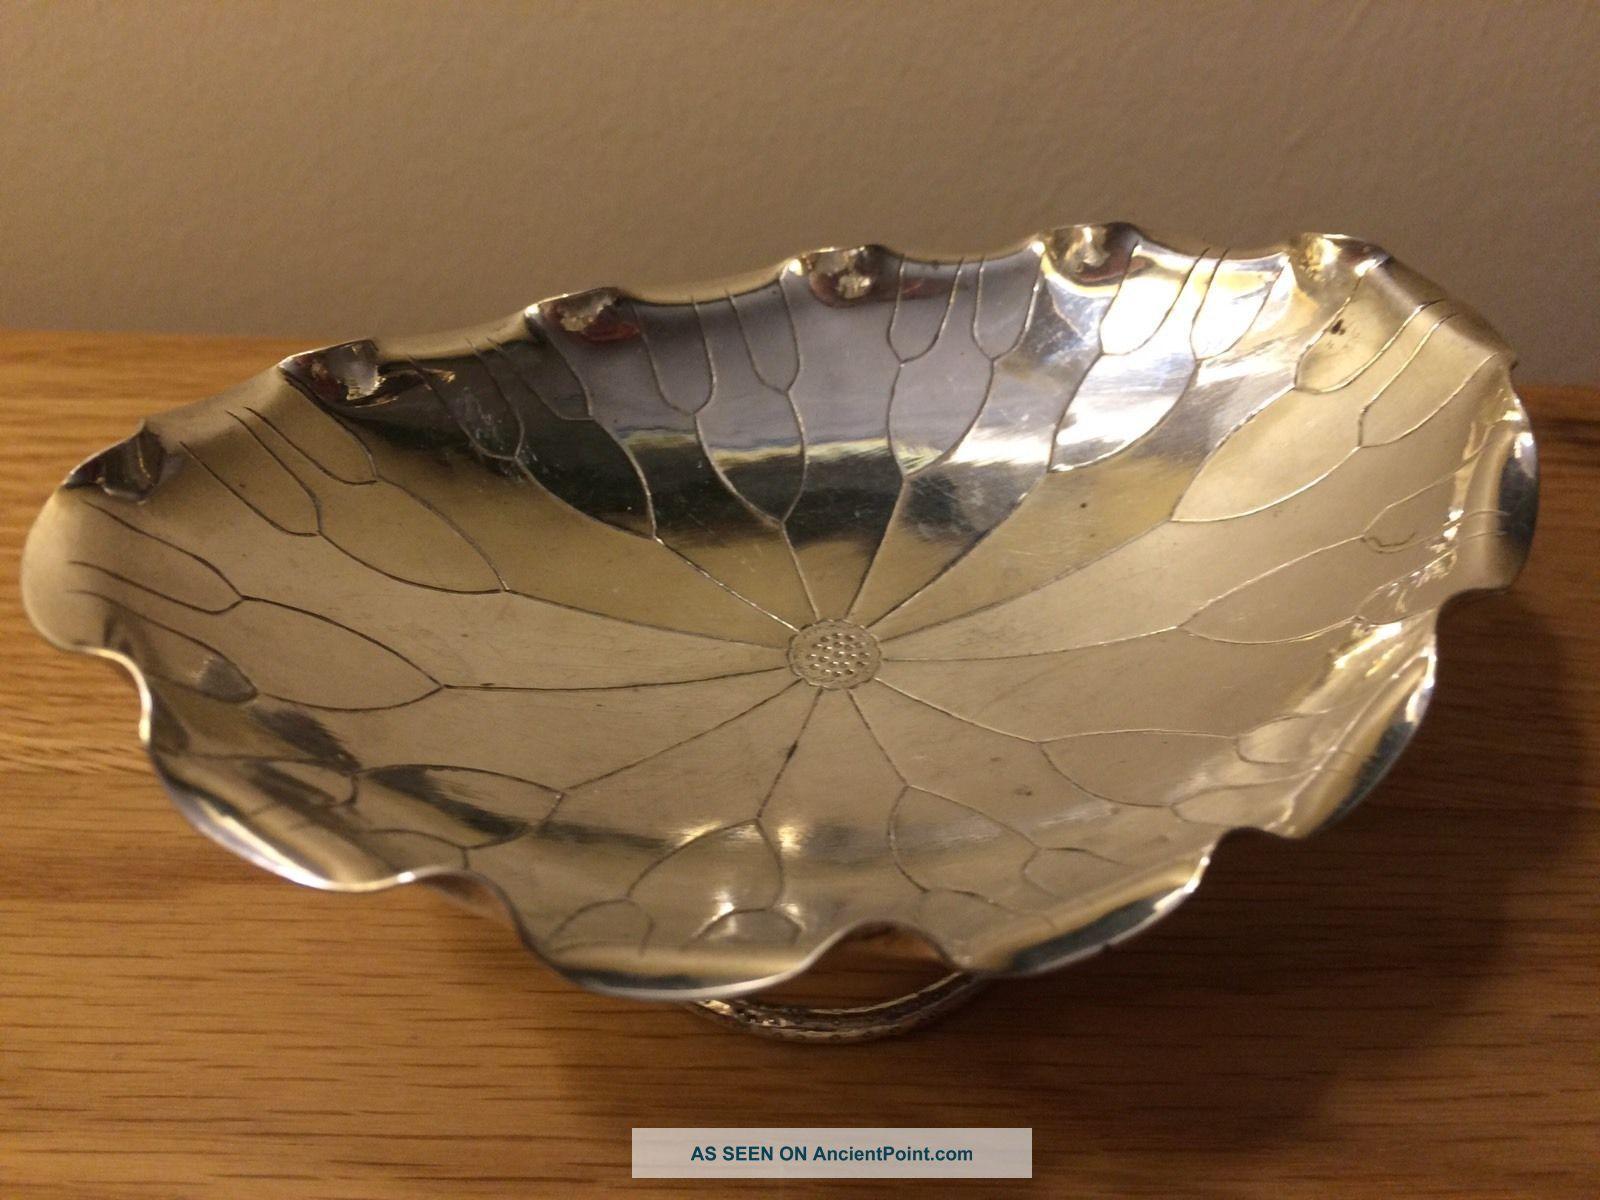 Stunning Antique Chinese Export Silver Lotus Flower Bowl Kwong Man Shing C 1900 Bowls photo